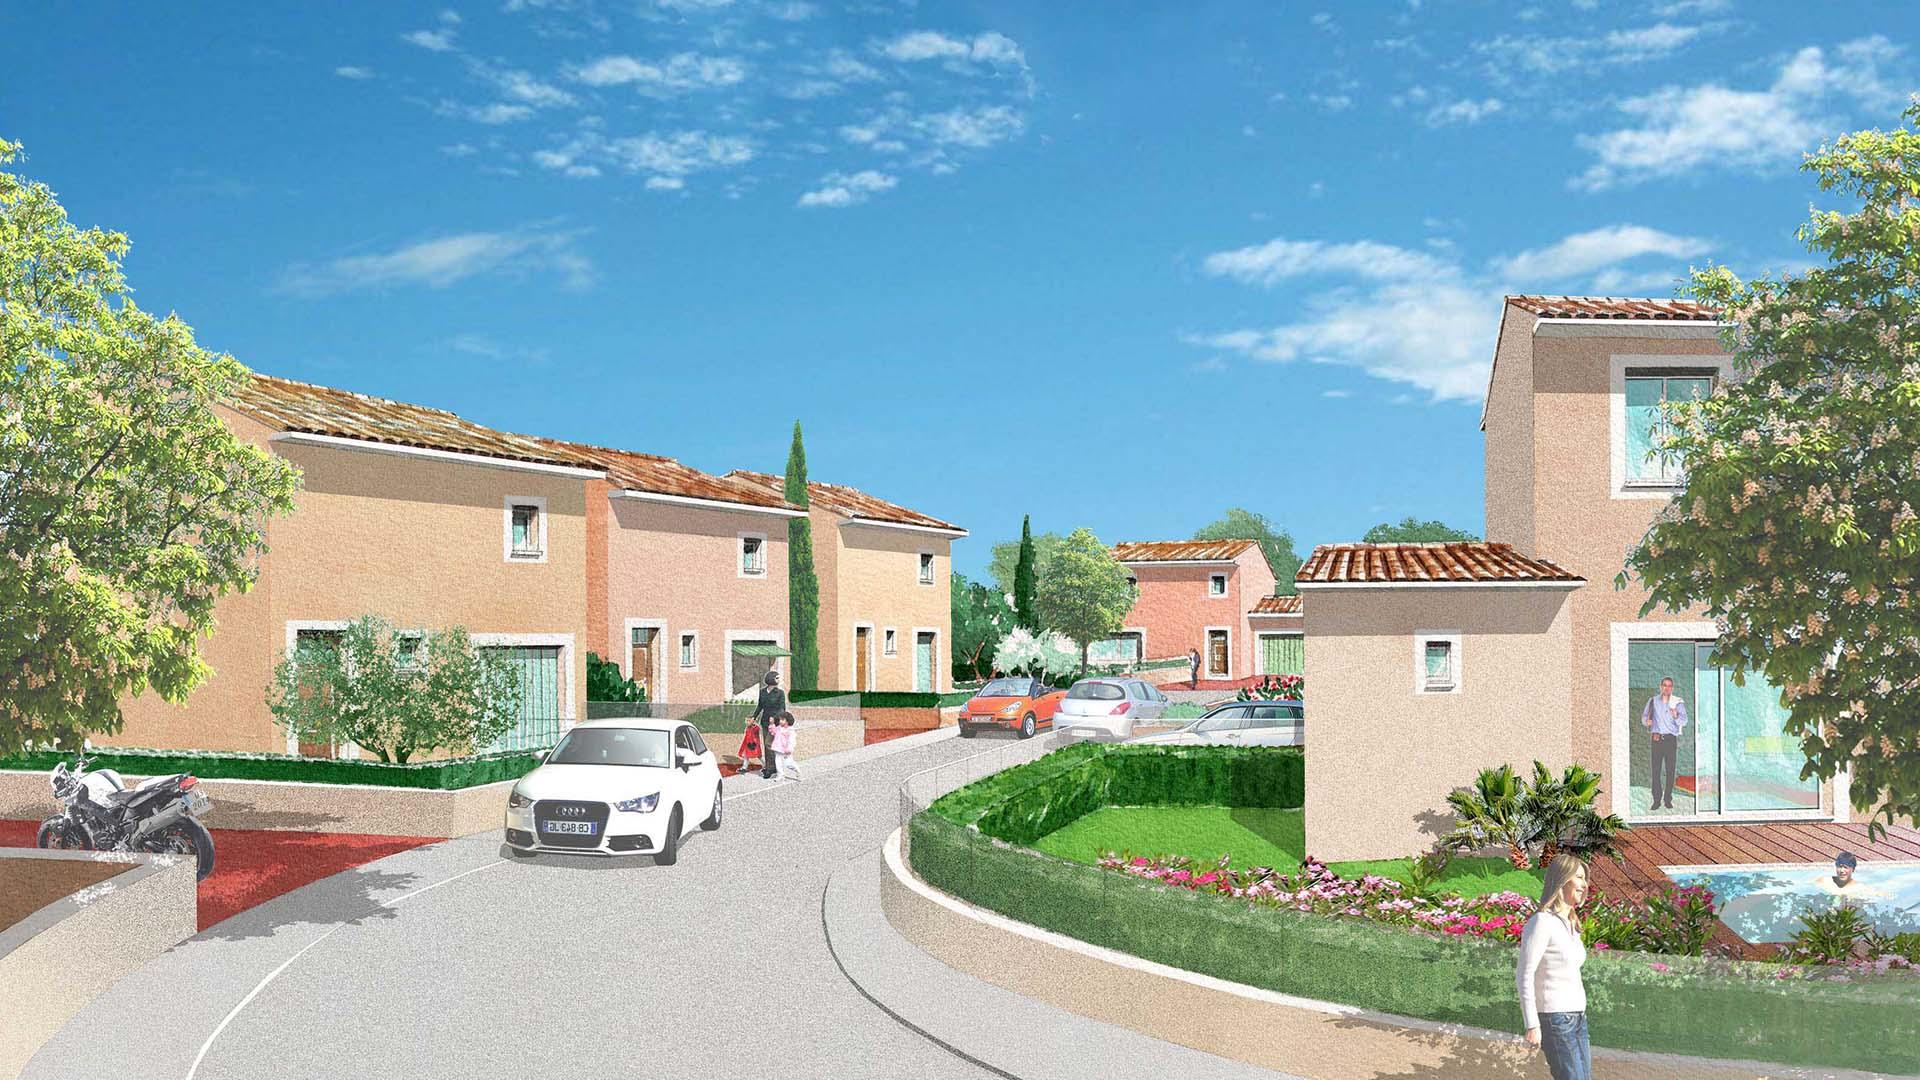 Le grand romain programme immobilier neuf pont saint esprit for L jardine pont saint esprit